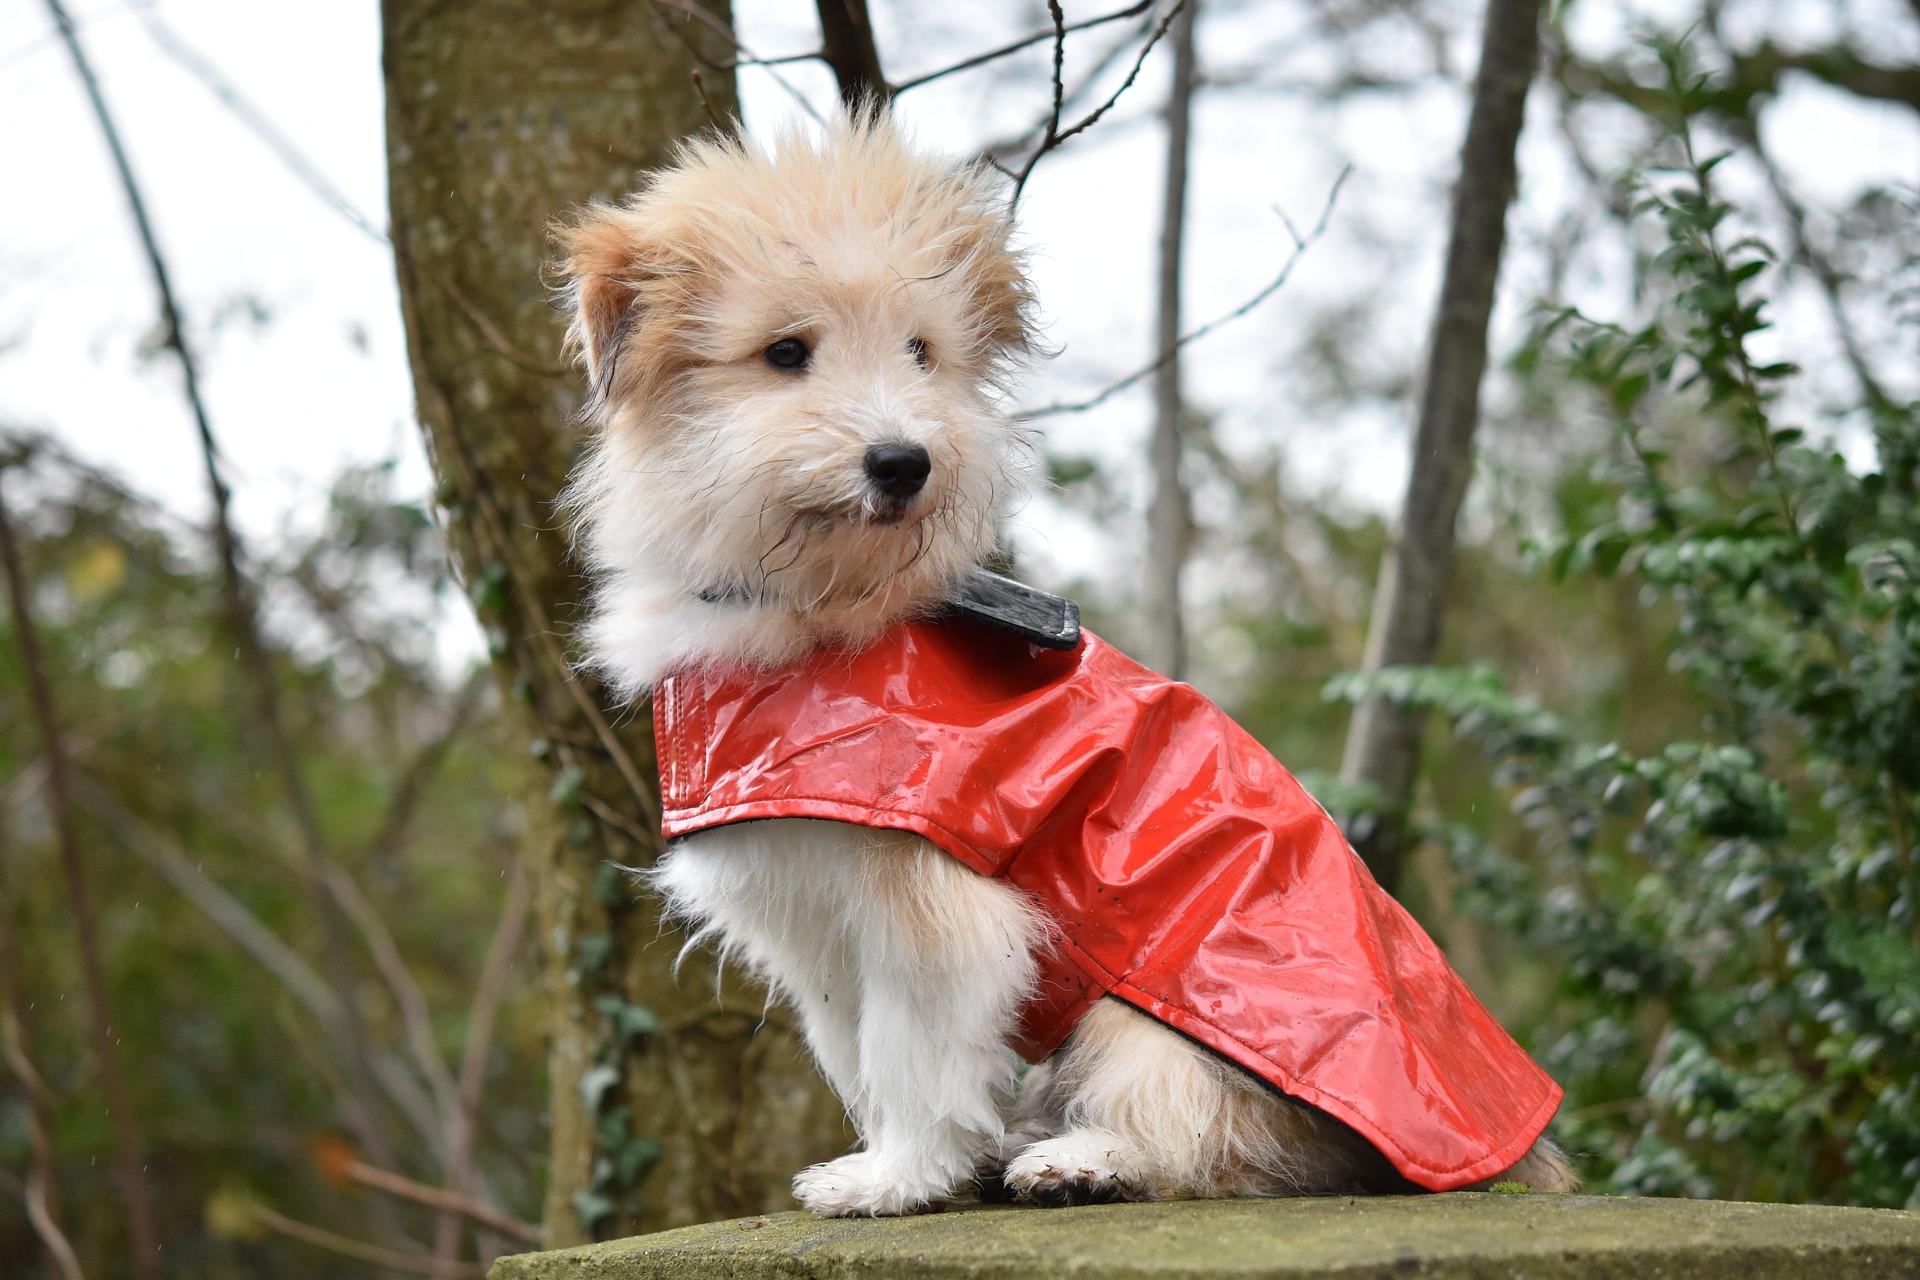 Cappotto Invernale per Cani Protezione Il Petto Gilet lautunno Inverno per Cani Cucciolo Gatto S PAWZ Road Giubbotti per Cani